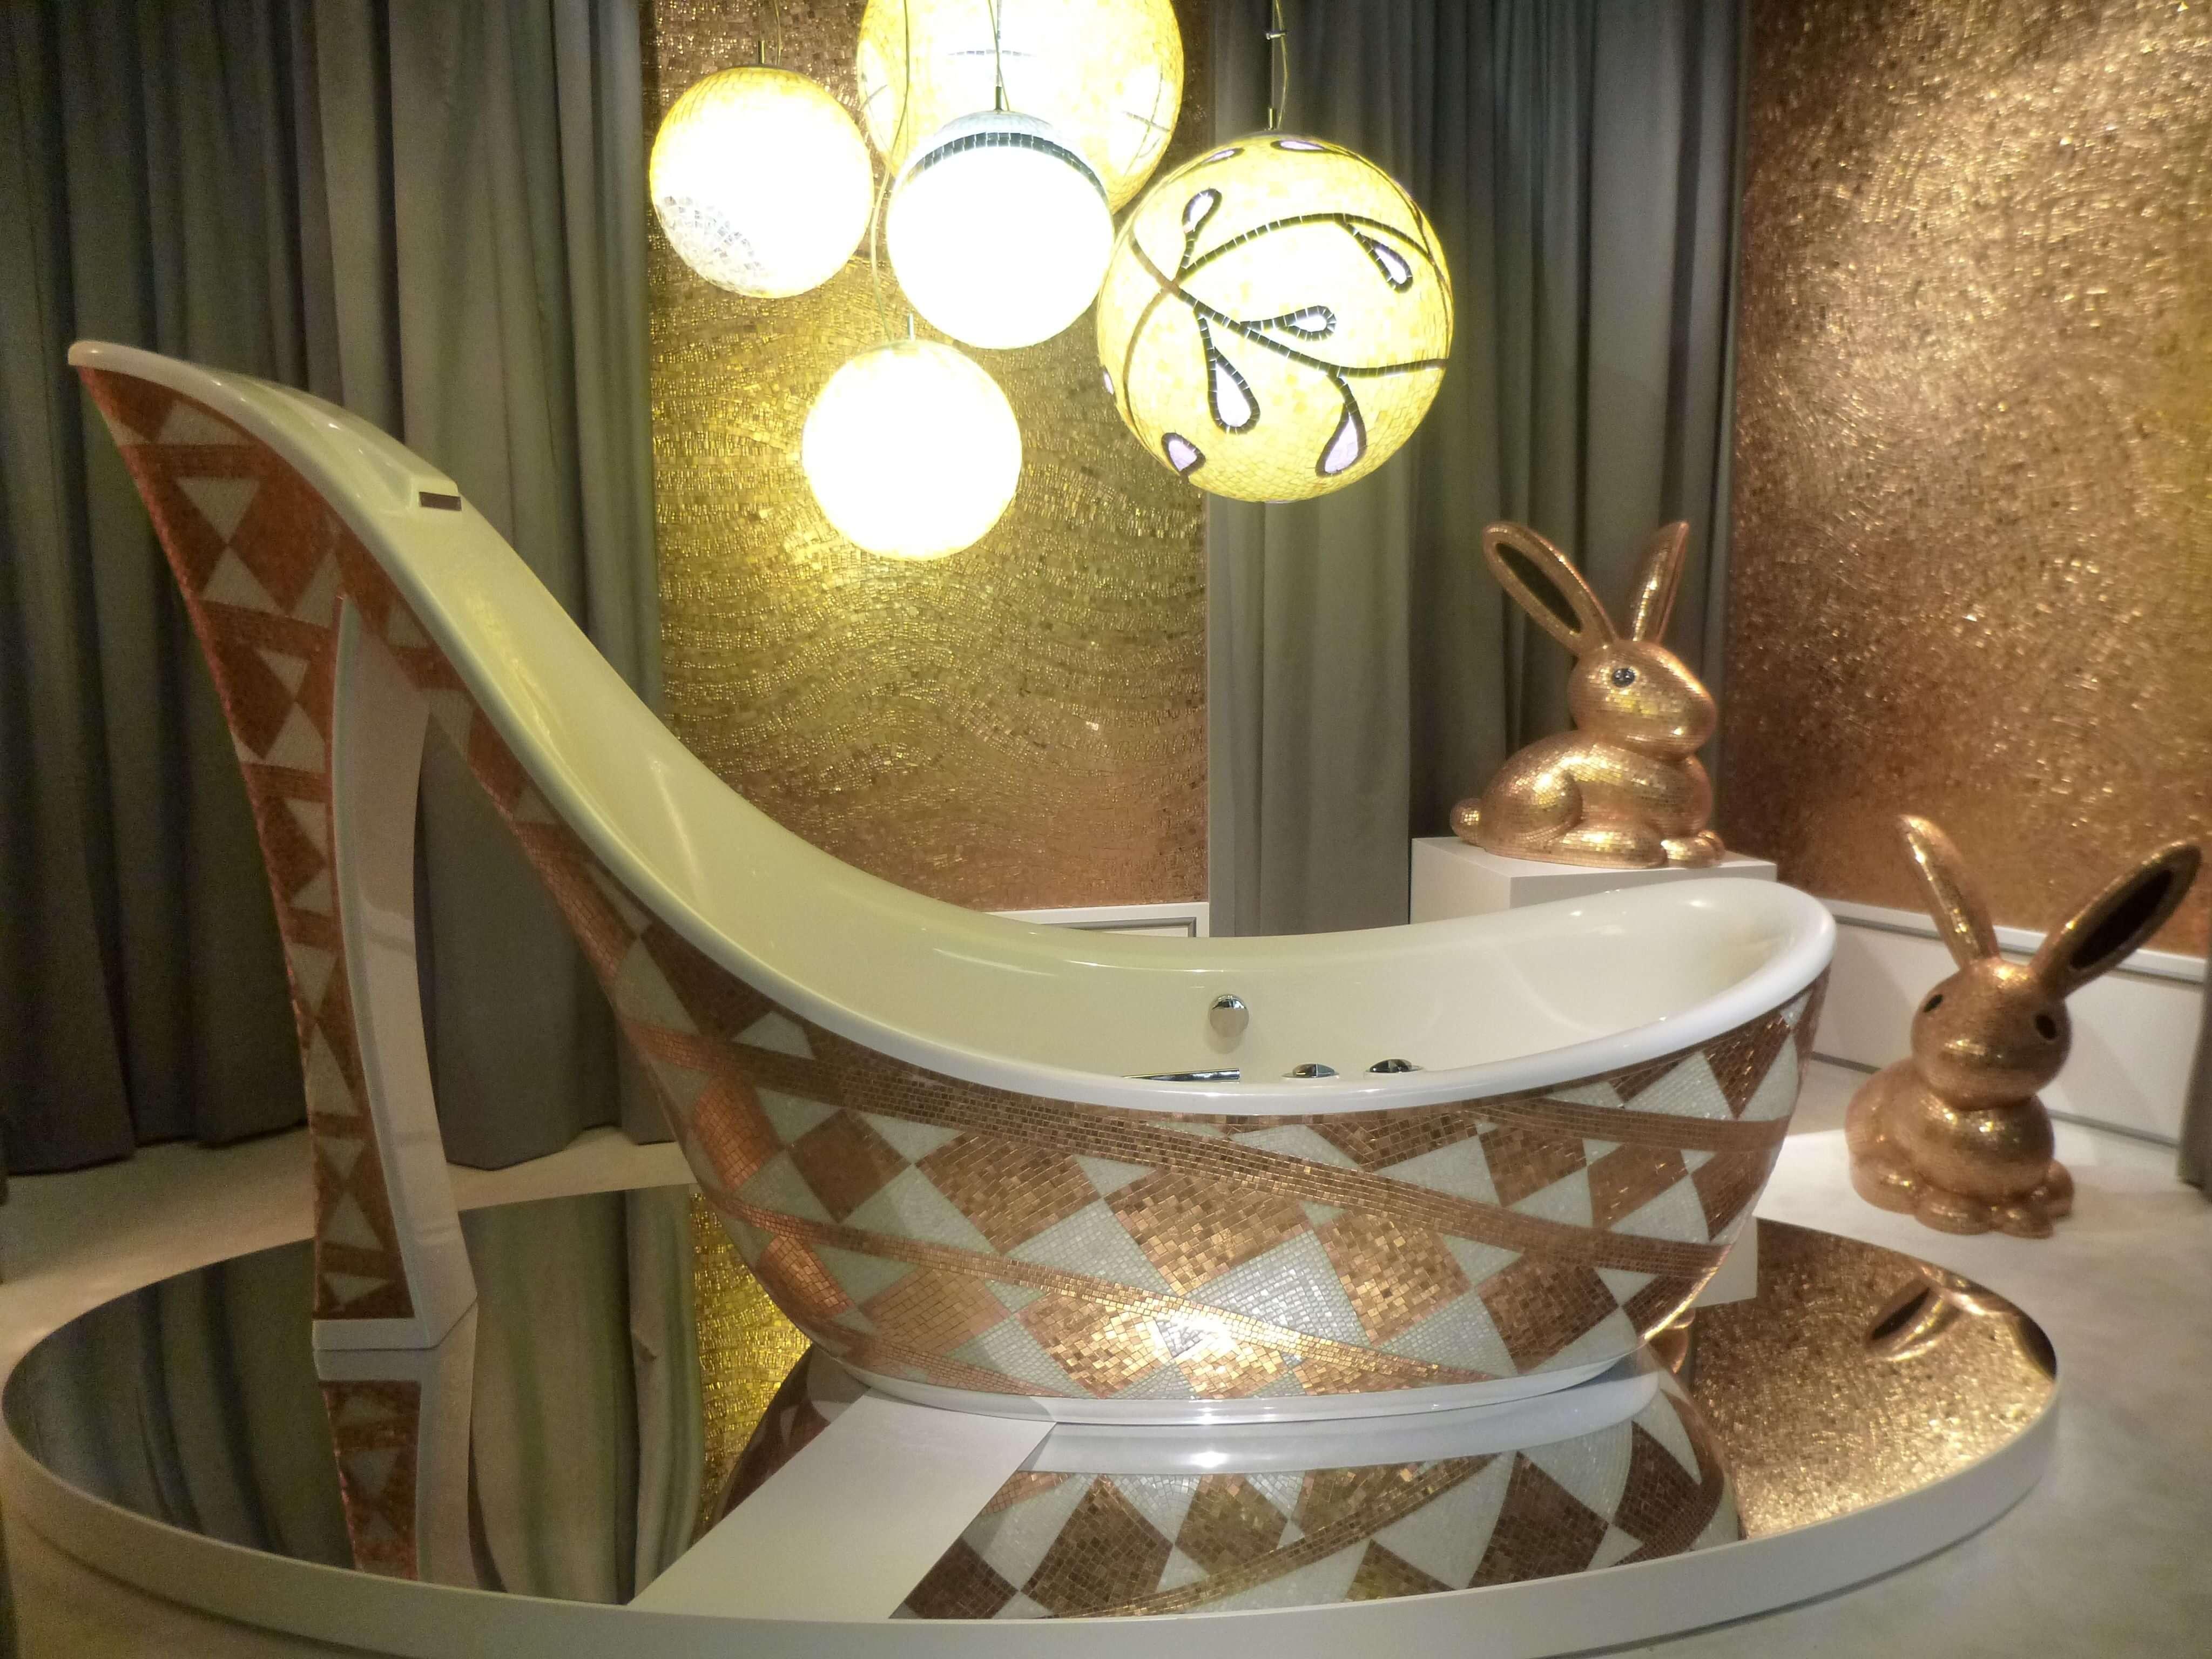 Die Luxusbadewanne trägt den vielversprechenden Namen Audrey, erinnert aber mit Ihrem 1.65 Meter hohem Absatz kaum an die zarte Diva.